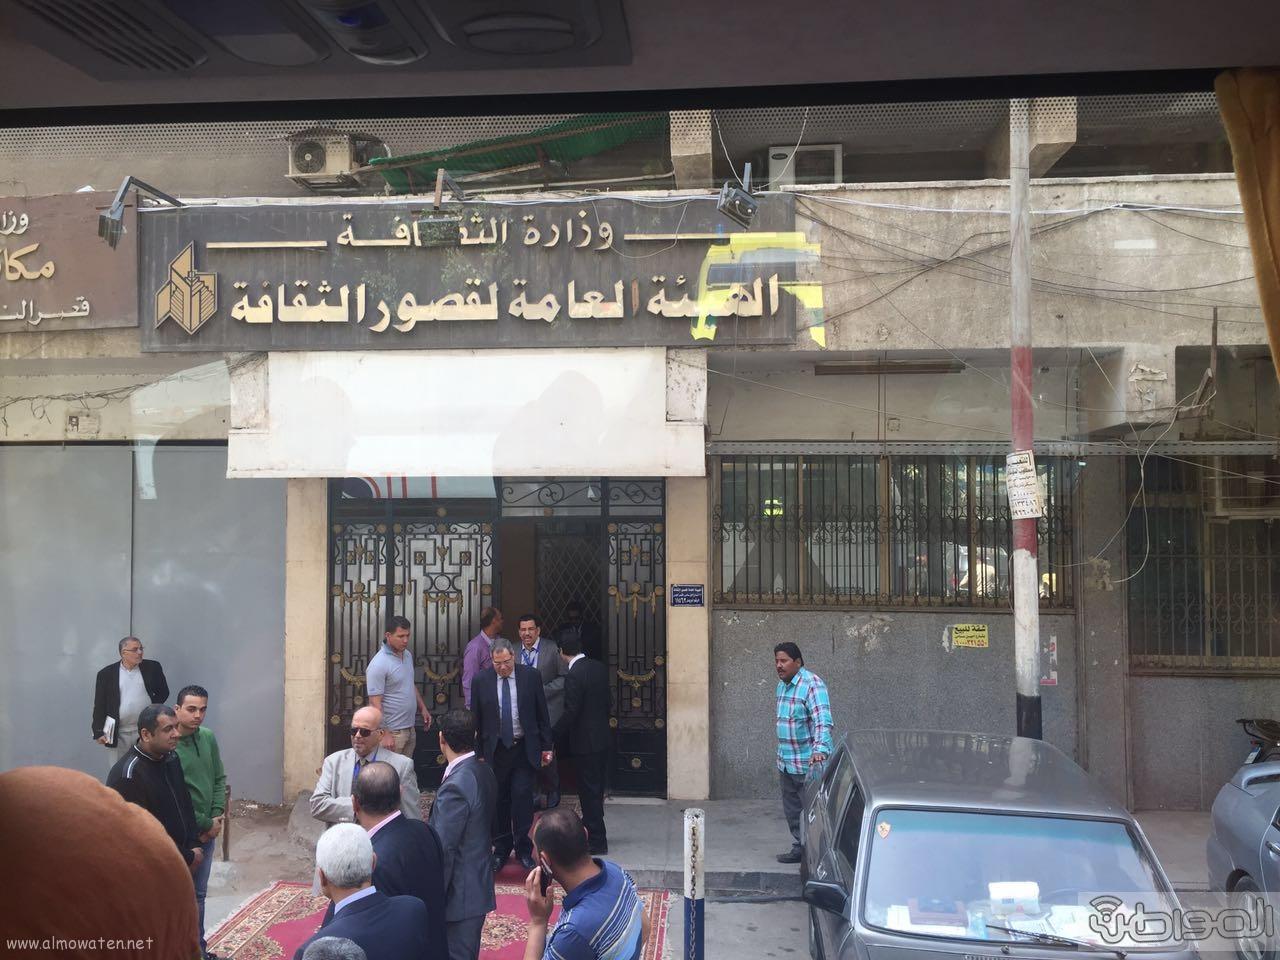 زيارة الوفد الاعلامي السعودي لقصور الثقافة بالقاهرة (2)